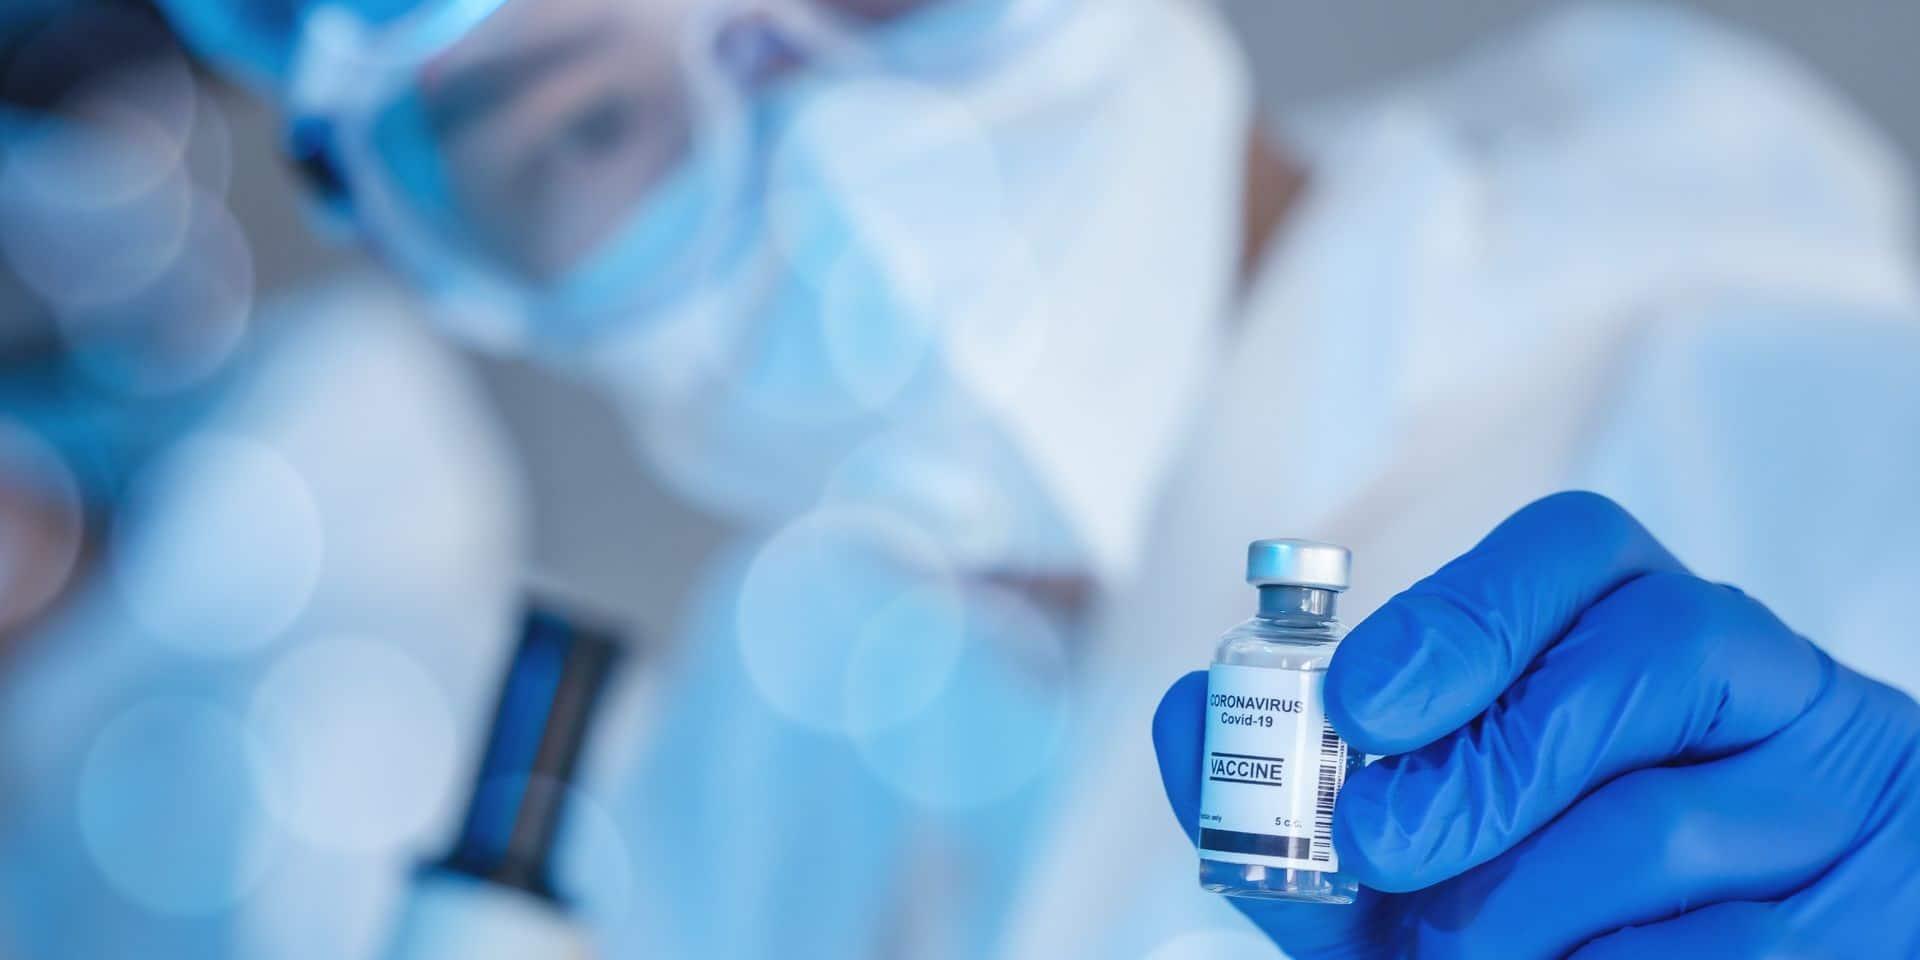 L'Institut Pasteur arrête son principal projet de vaccin, le laboratoire Merck interrompt aussi son travail